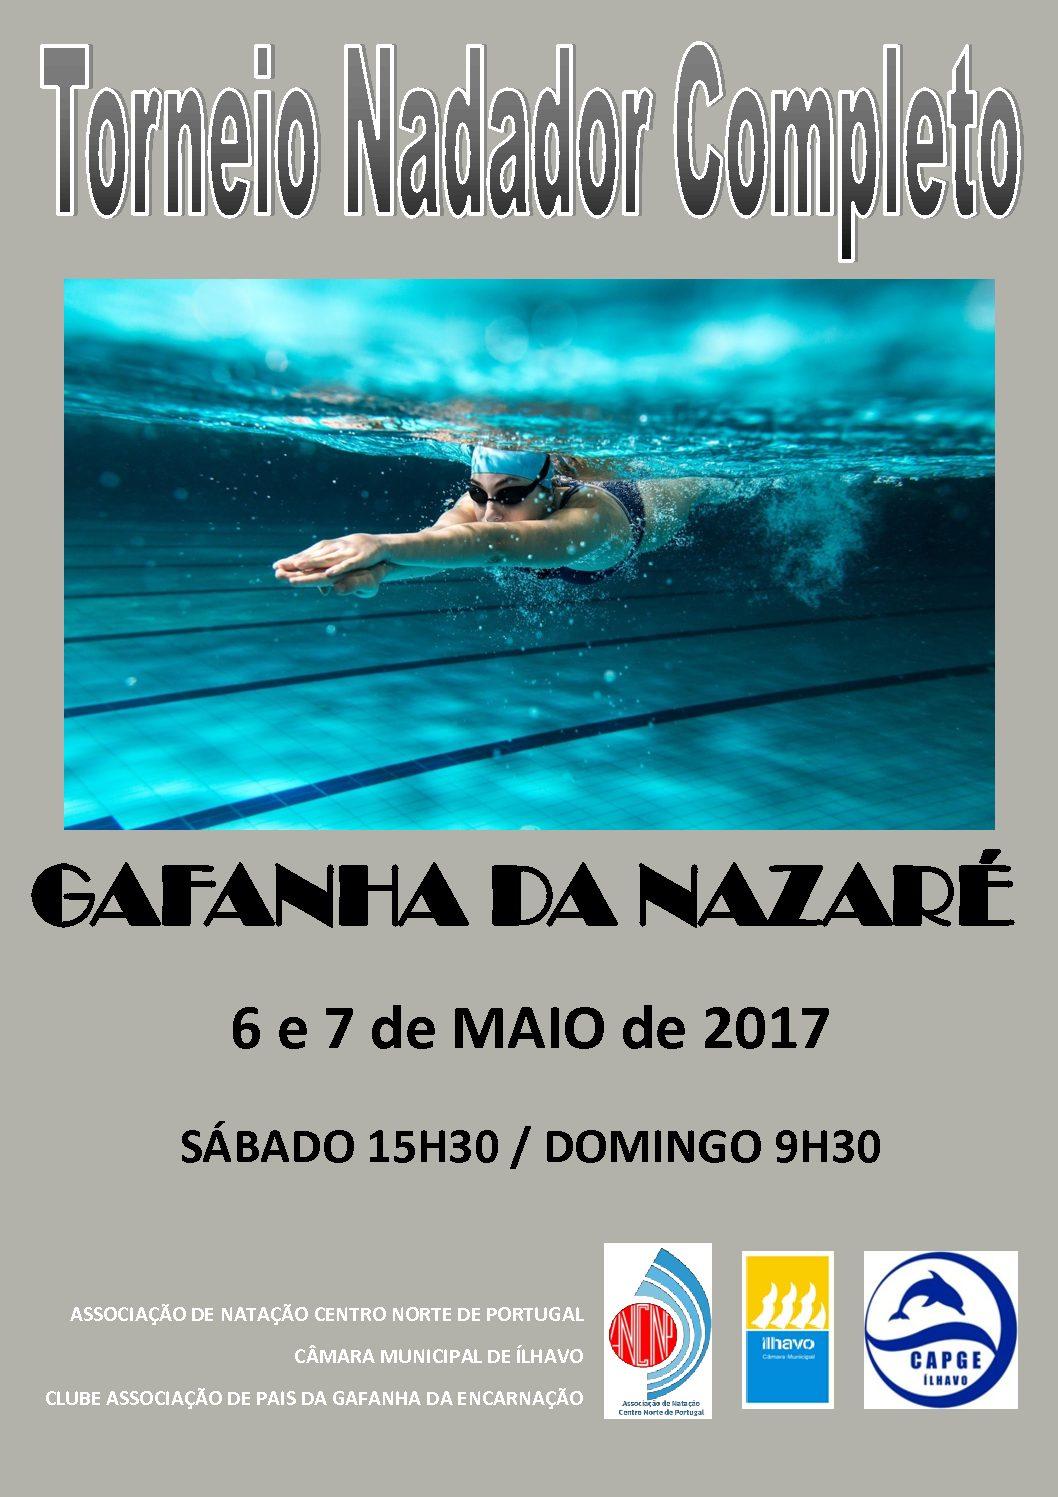 HCM/CCA vai estar presente na Gafanha da Nazaré no próximo fim-de-semana